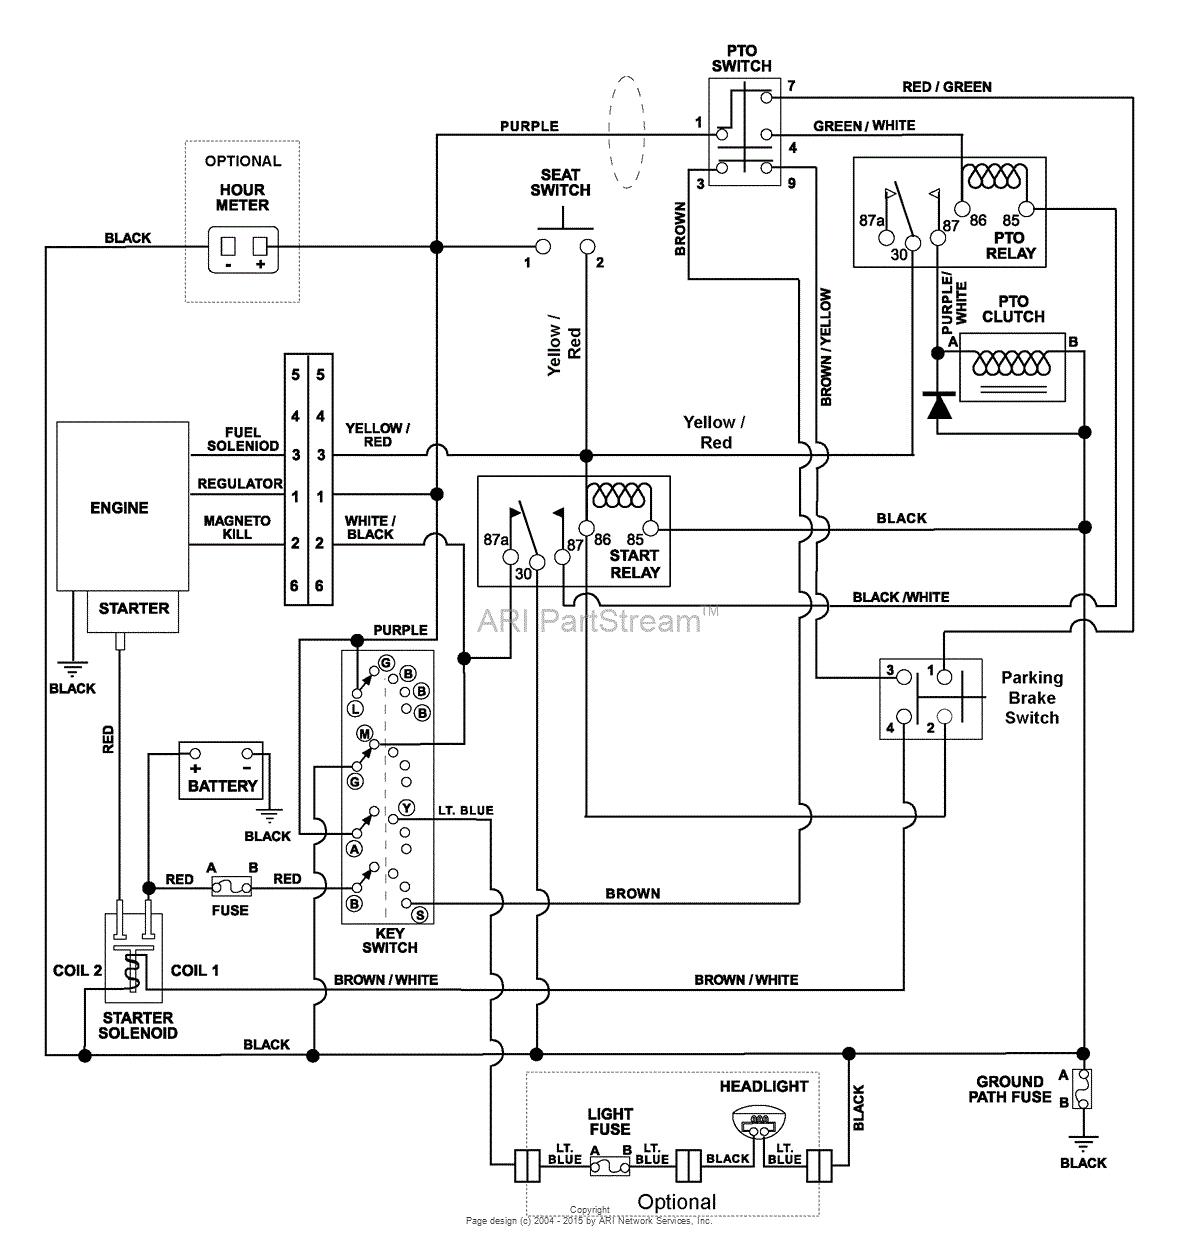 10 hp kohler wiring diagram 1 wiring diagram sourcekohler 23 hp wiring diagram wiring diagram data